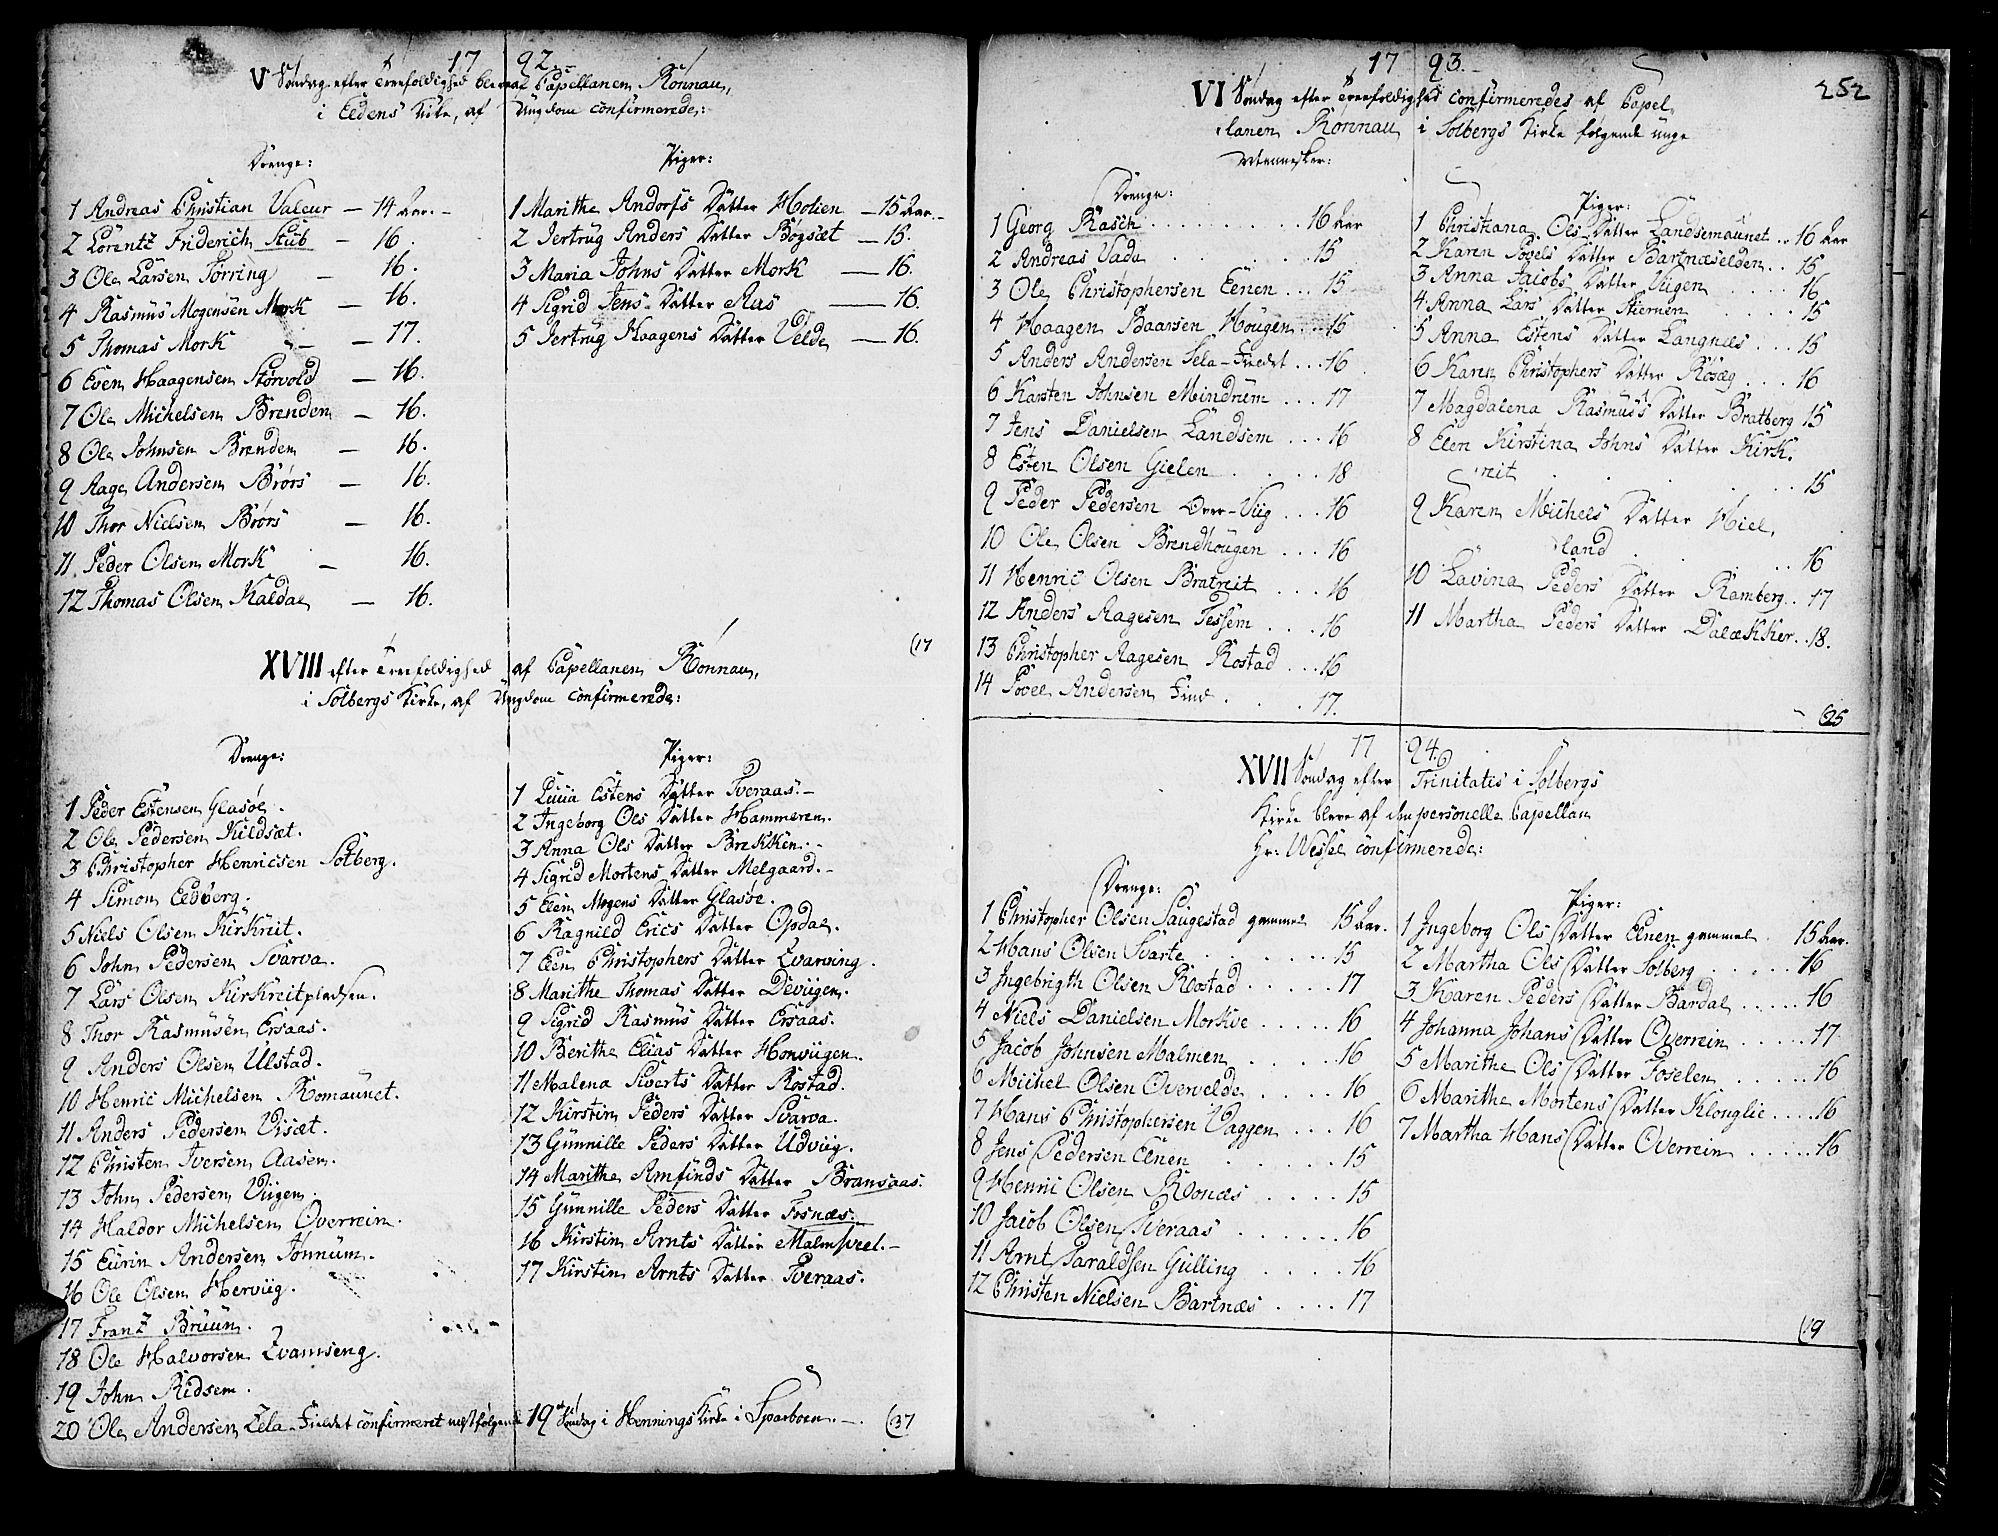 SAT, Ministerialprotokoller, klokkerbøker og fødselsregistre - Nord-Trøndelag, 741/L0385: Ministerialbok nr. 741A01, 1722-1815, s. 252